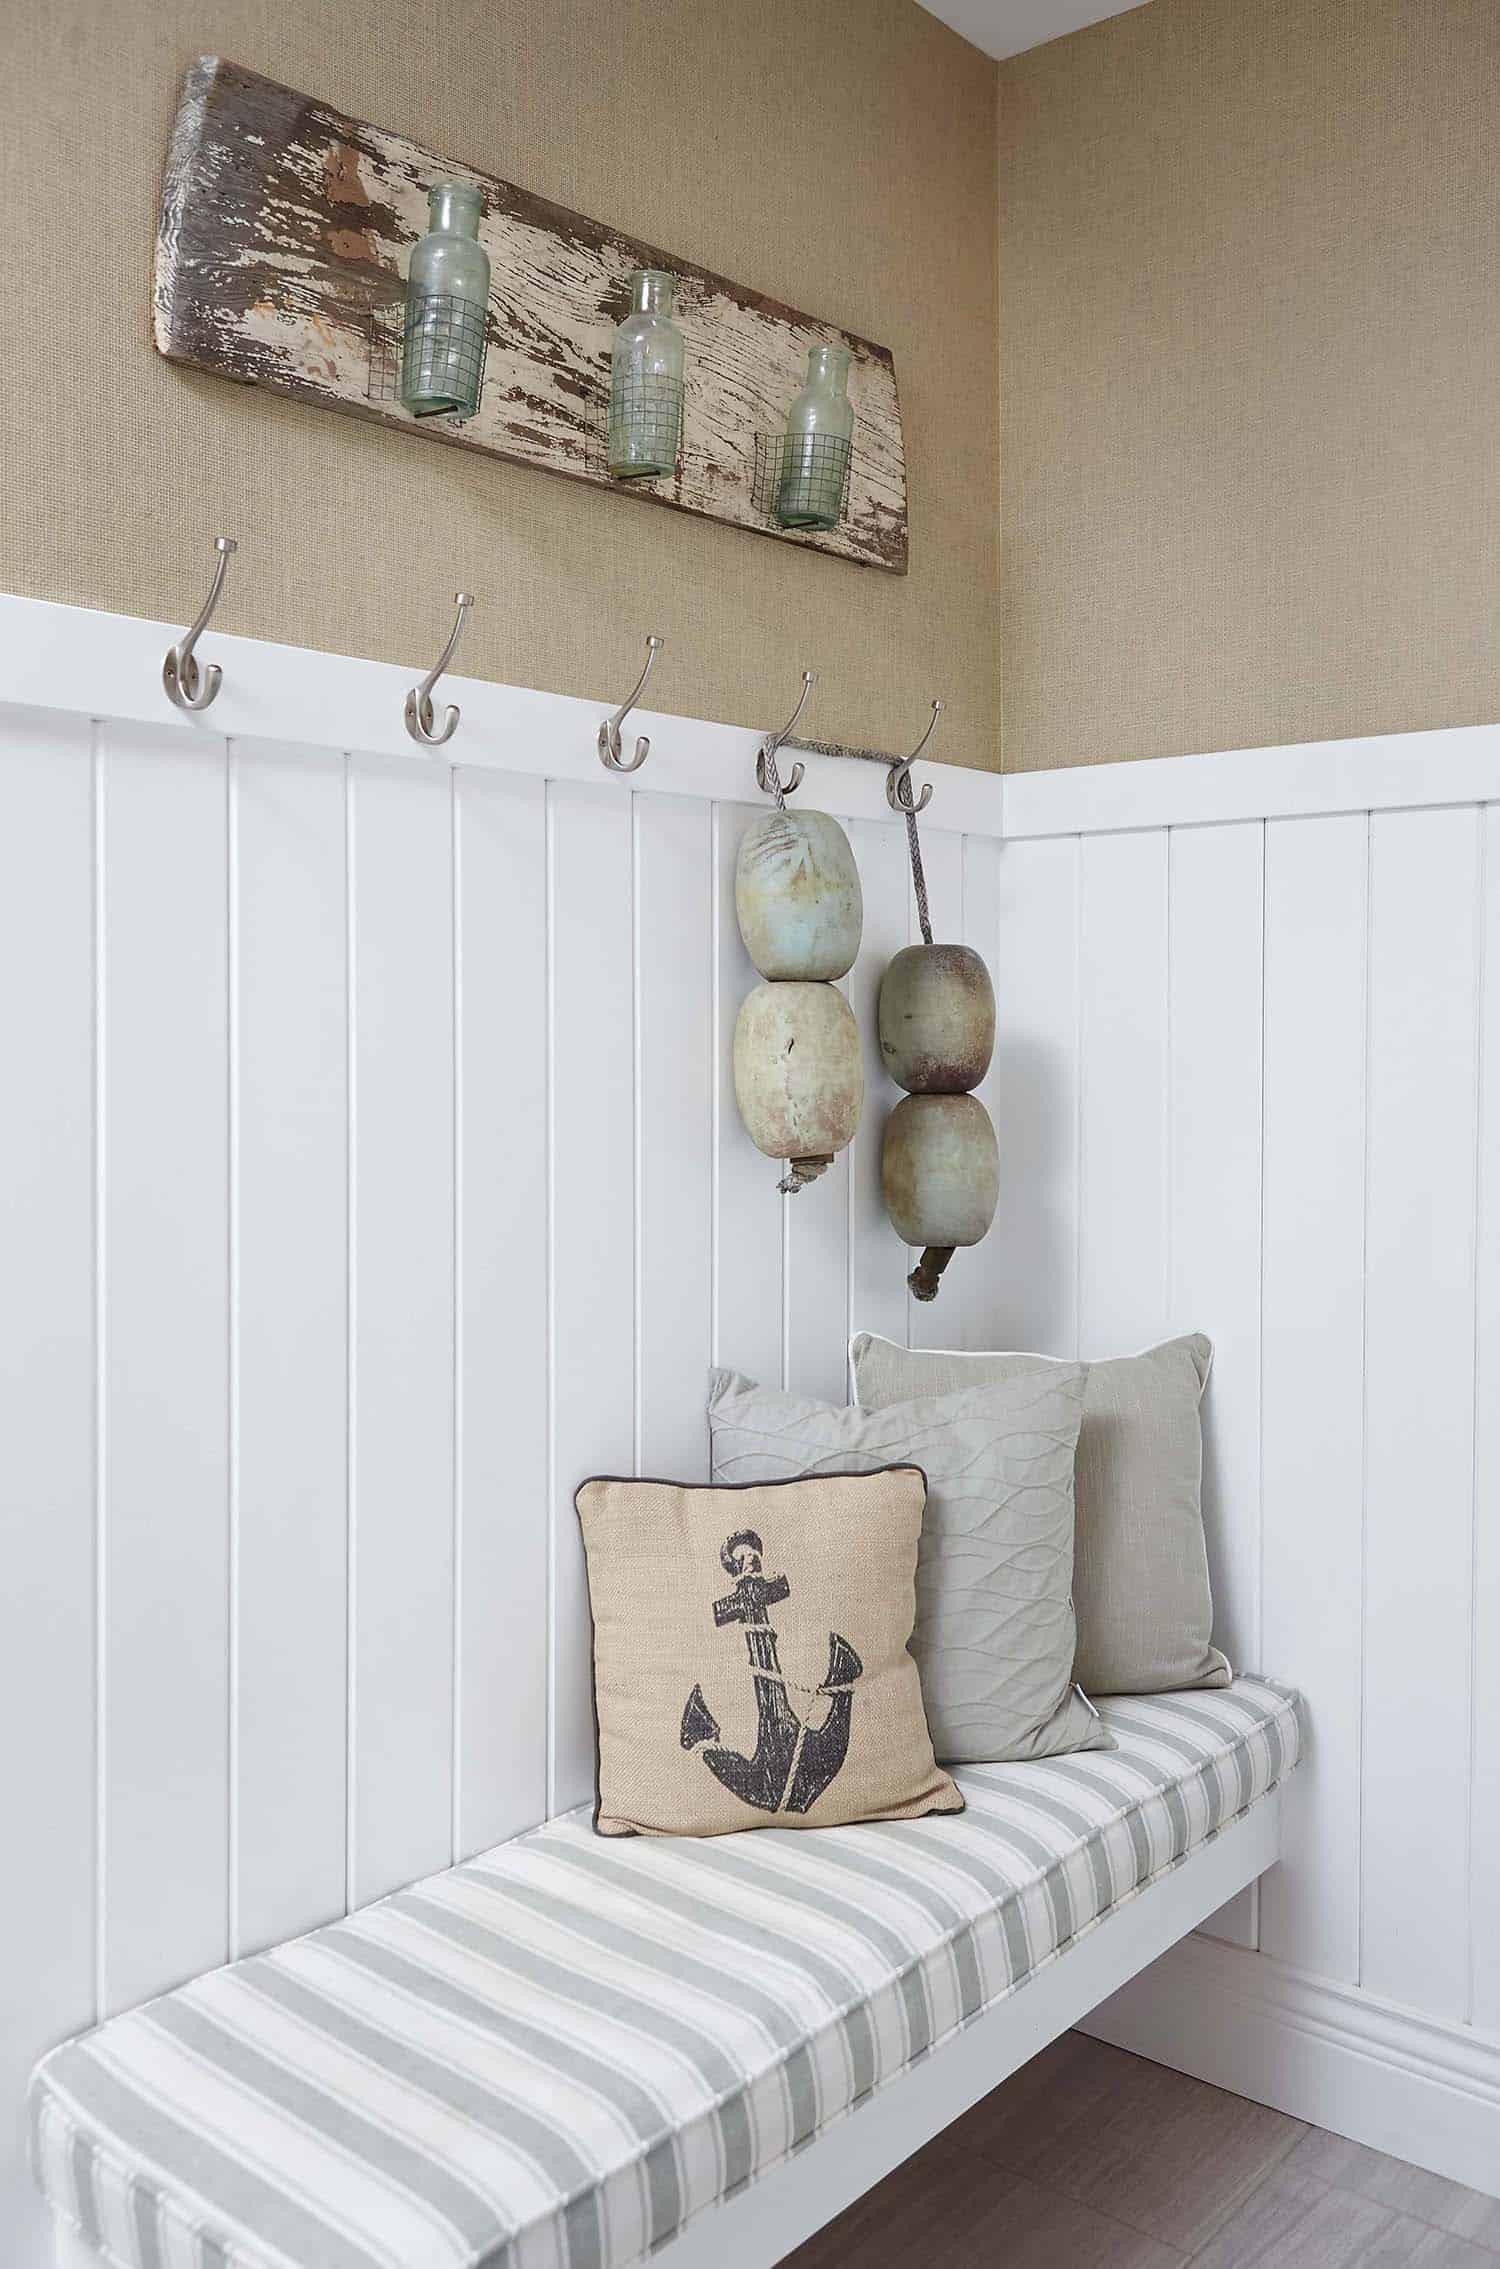 Cottage familial de style plage-Villa Decor-29-1 Kindesign